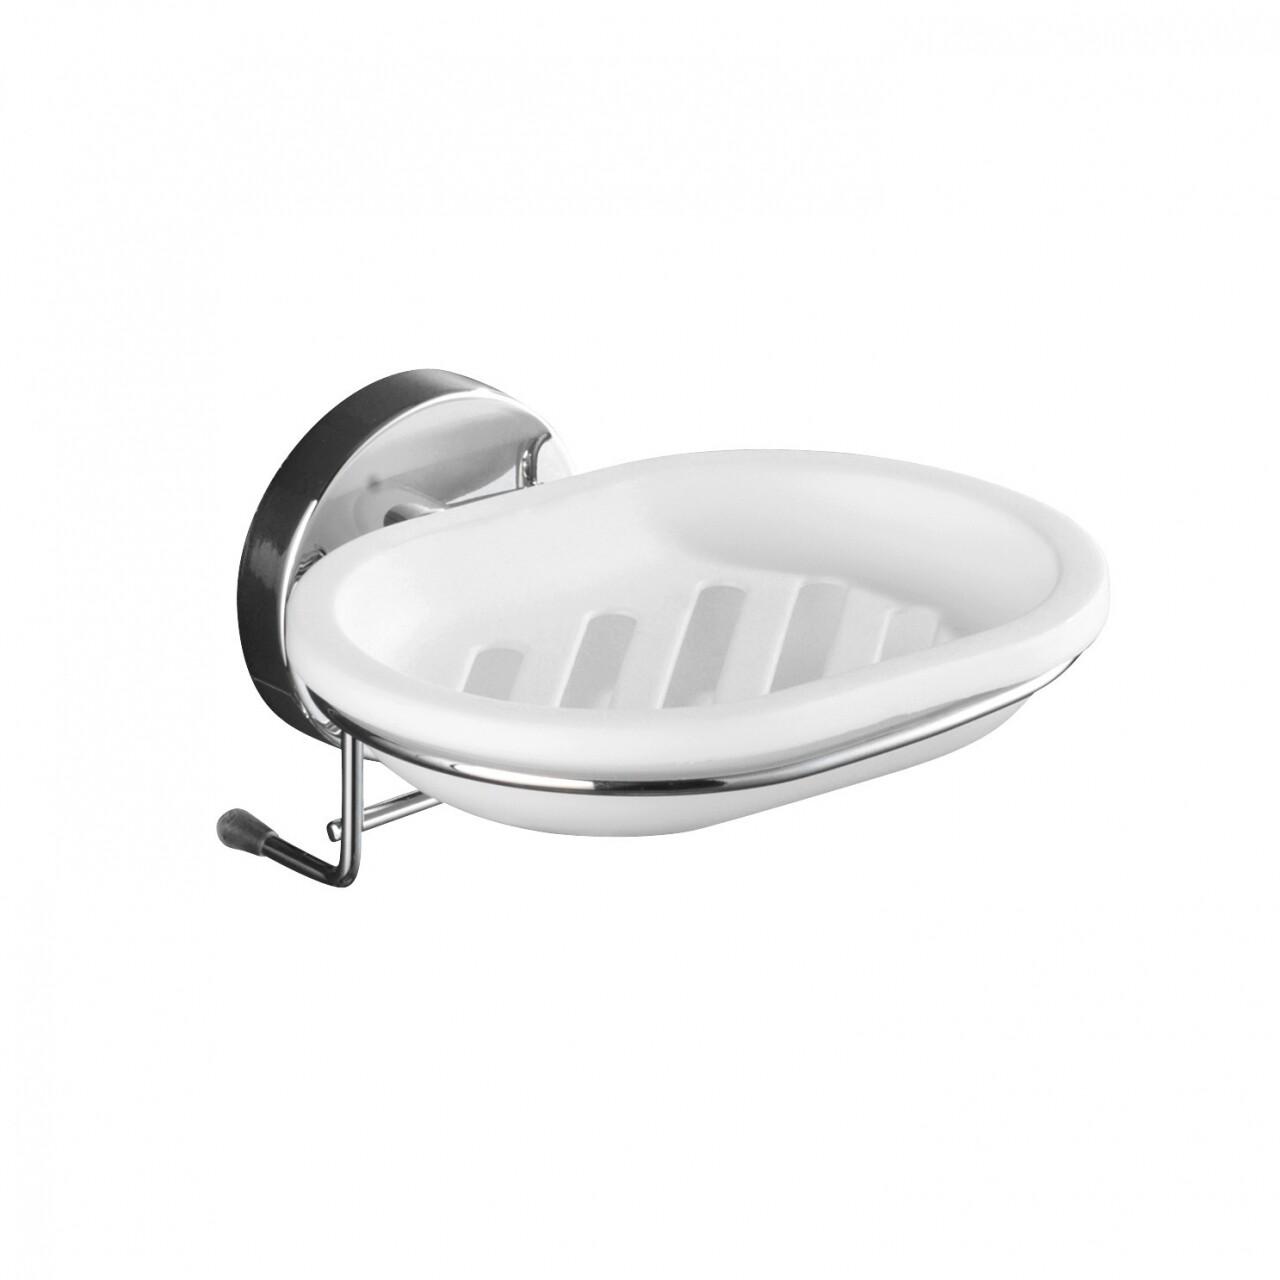 Suport pentru sapun Wenko Vacuum-Loc®, 12 x 13 cm, otel/plastic, argintiu